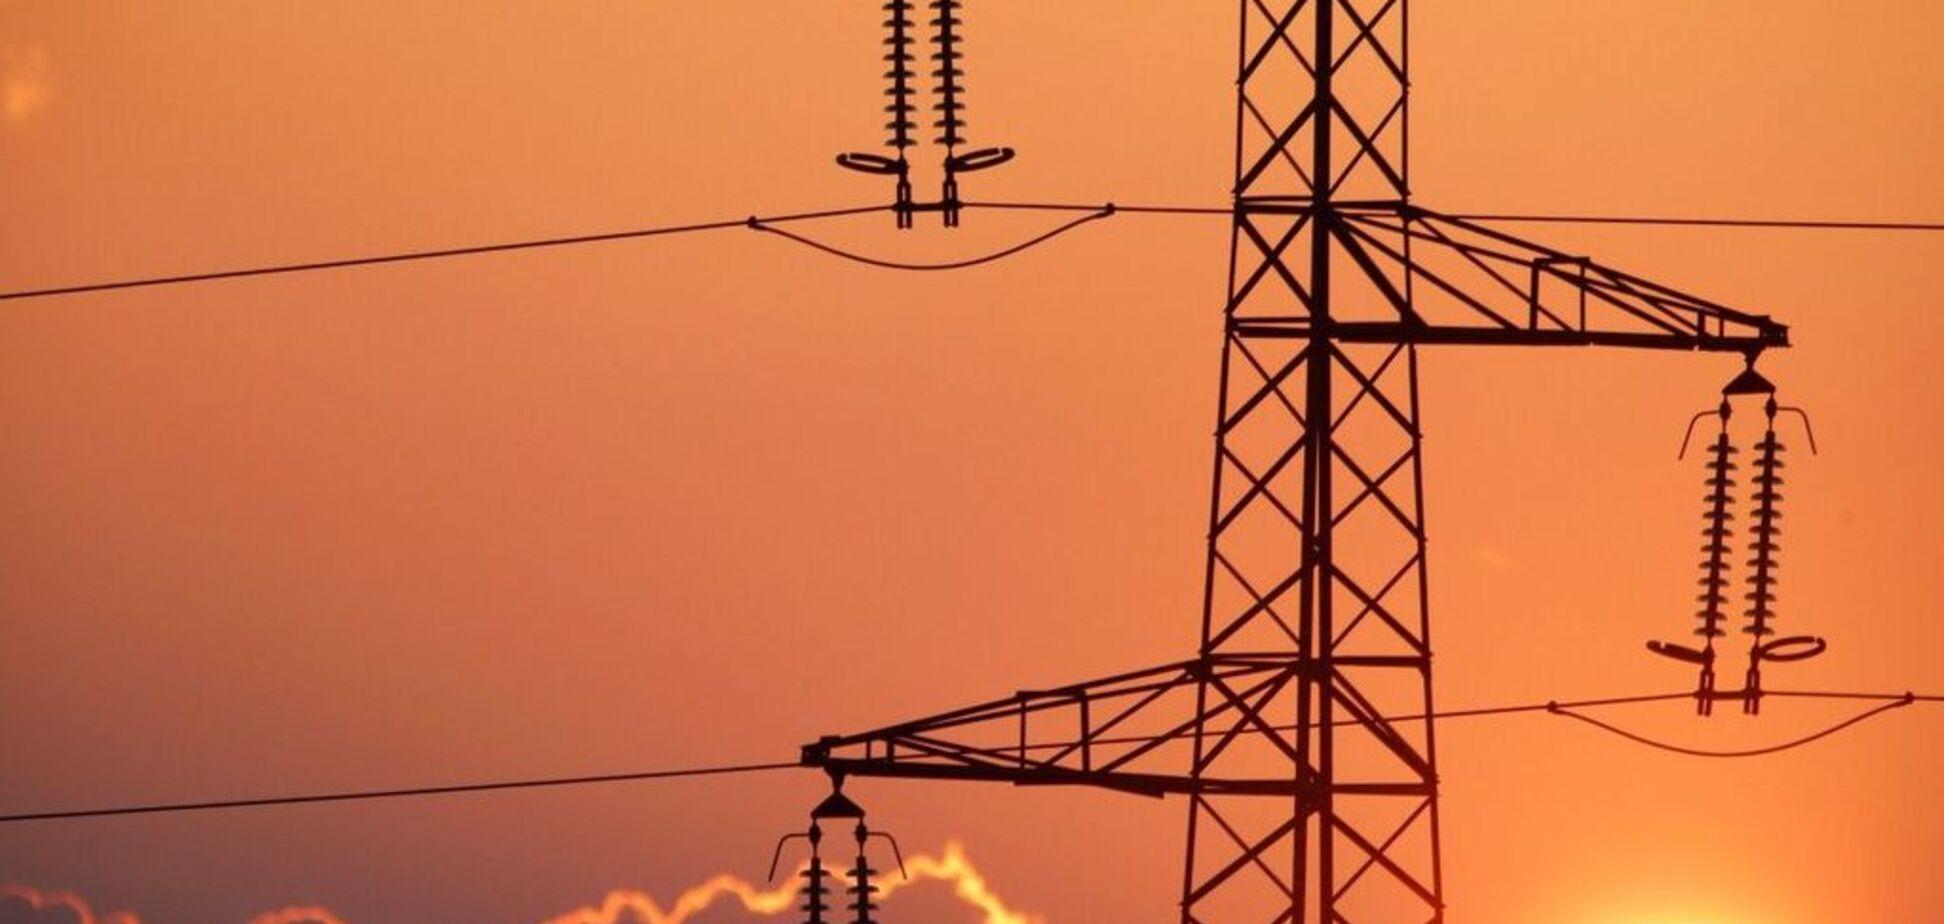 Завершення енергореформи є пріоритетом України на найближчі п'ять років - конференція з реформ в Торонто